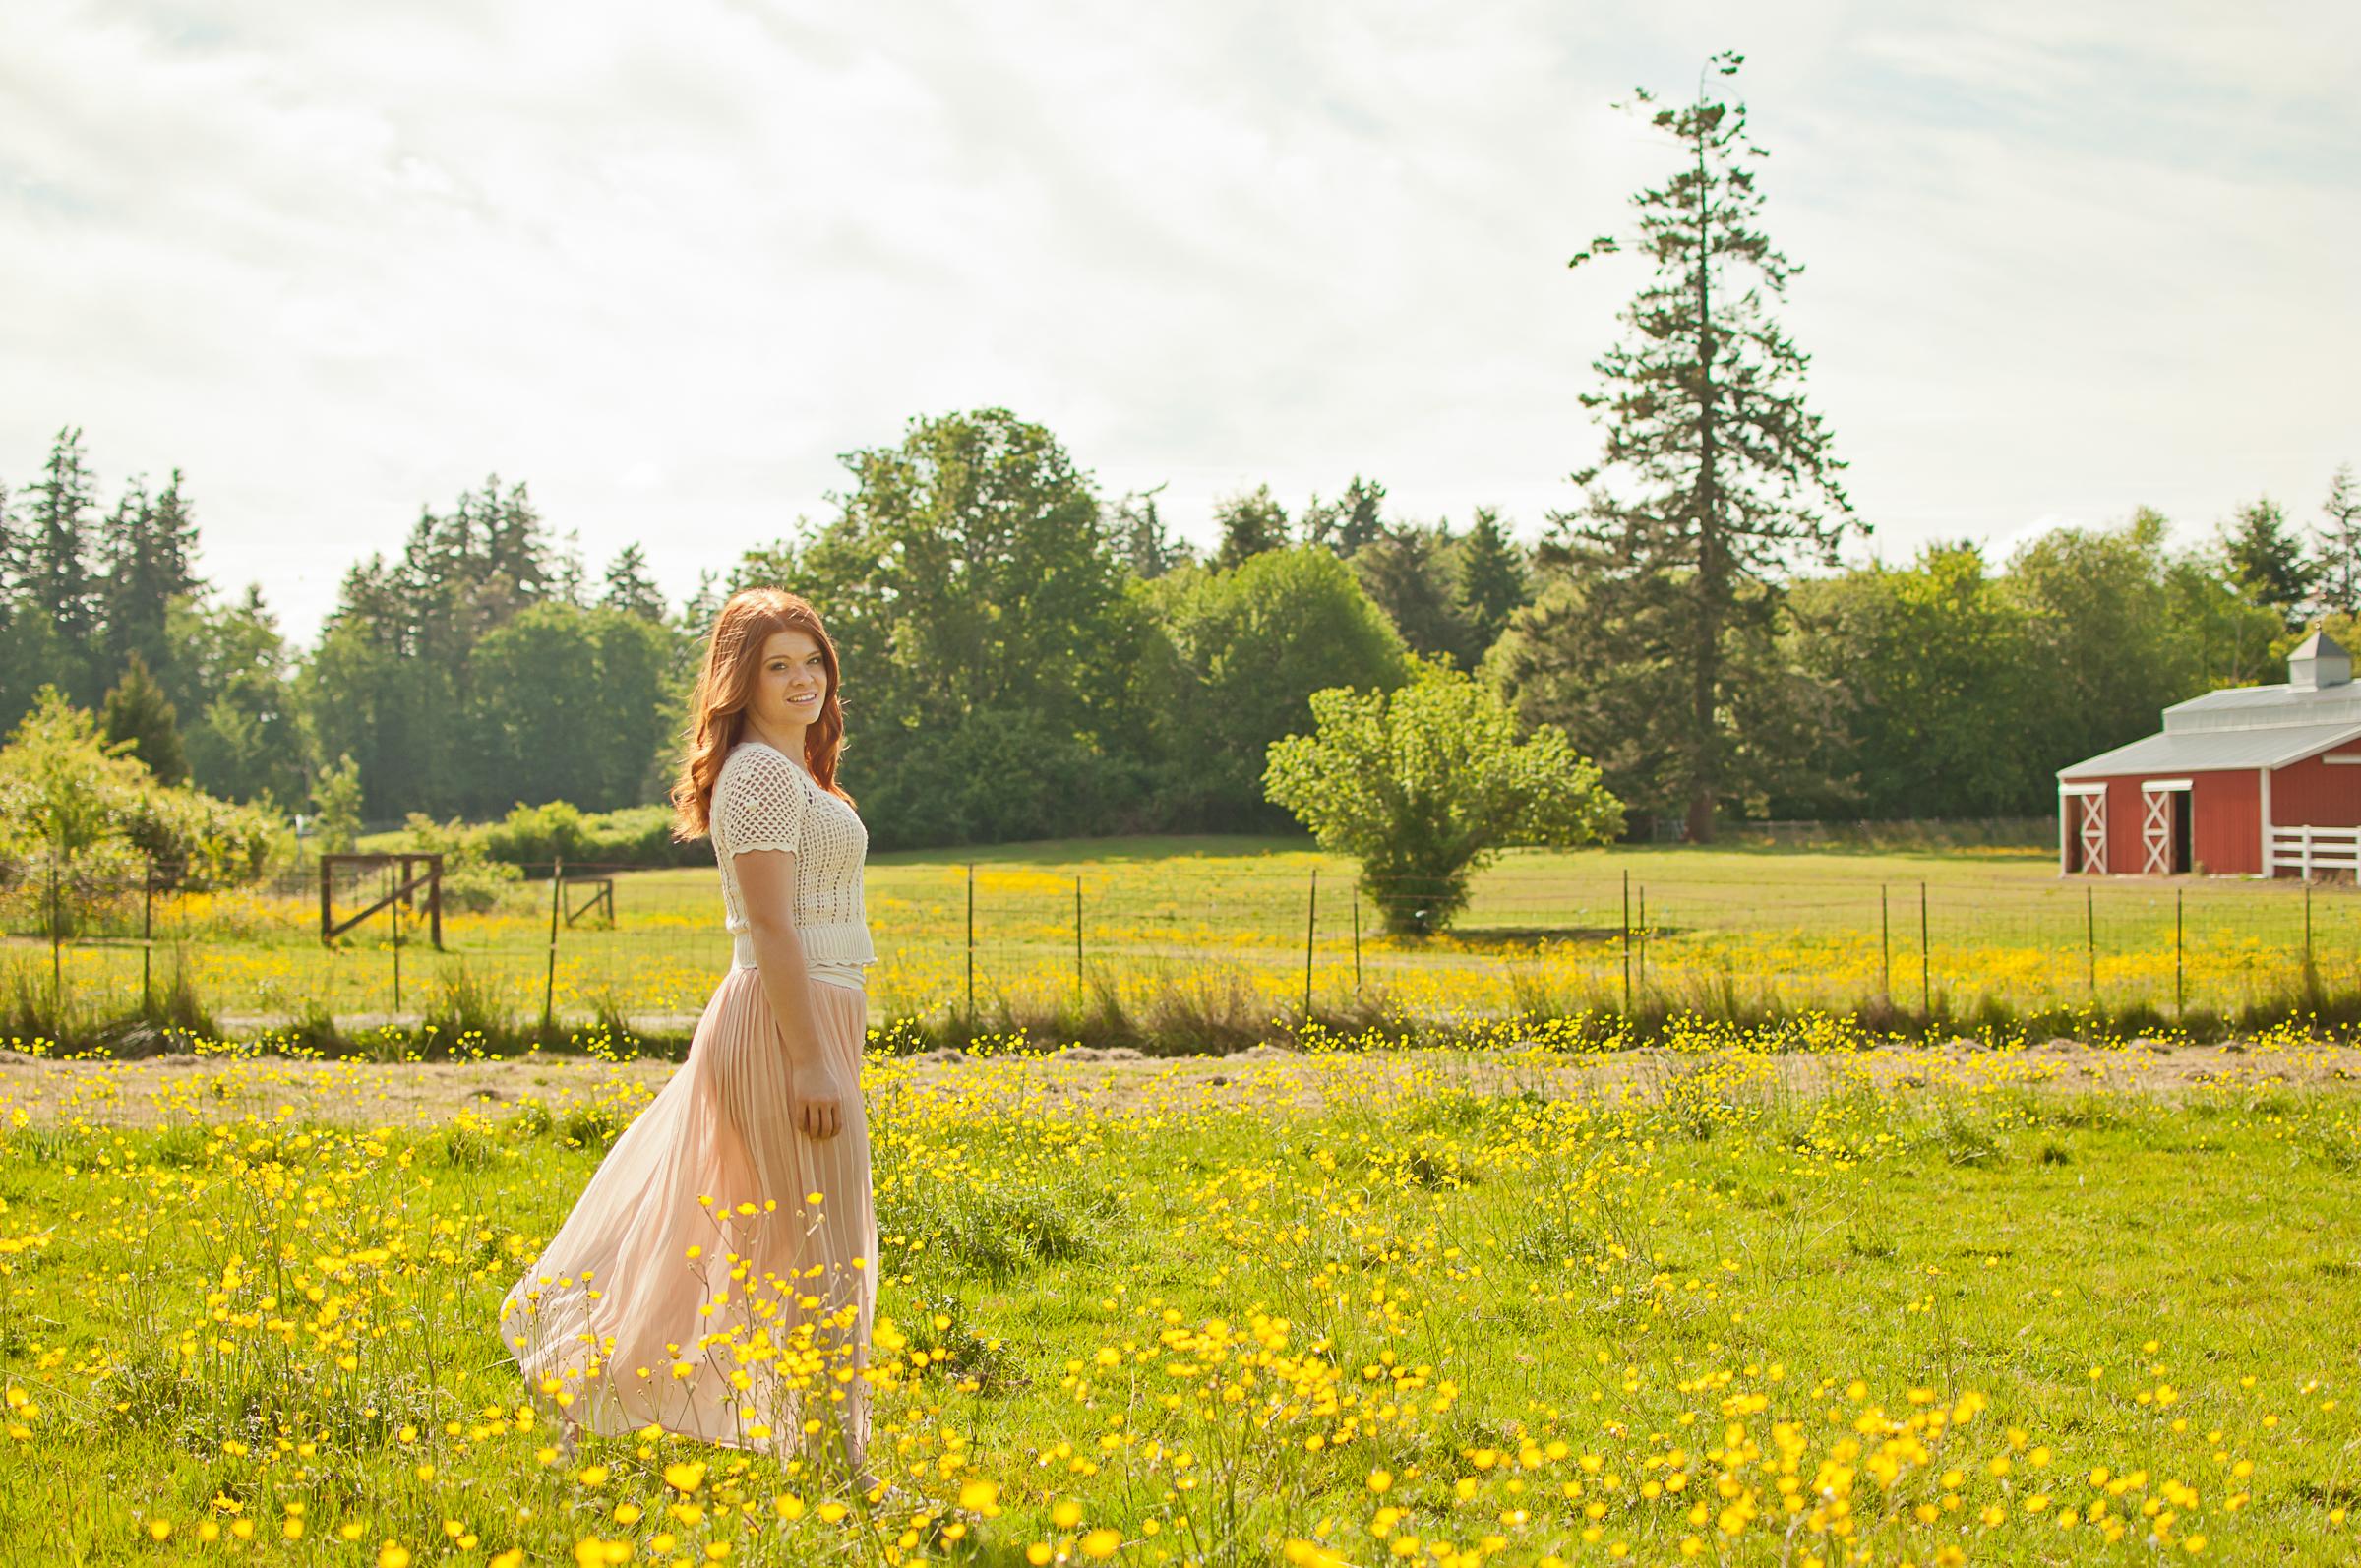 Senior girl in farm field